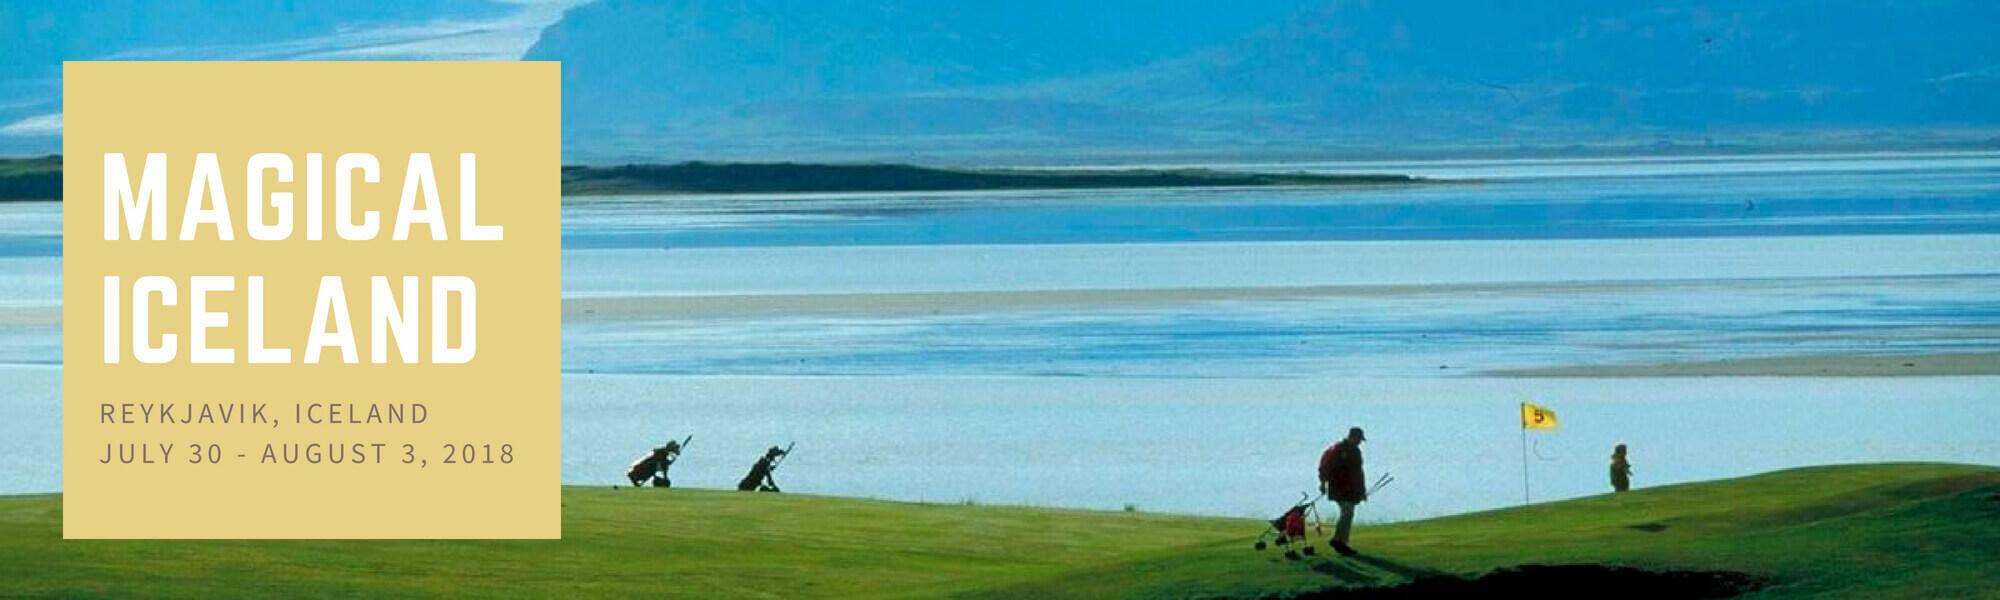 Magical Iceland golf tournament - Senior Golfers of America